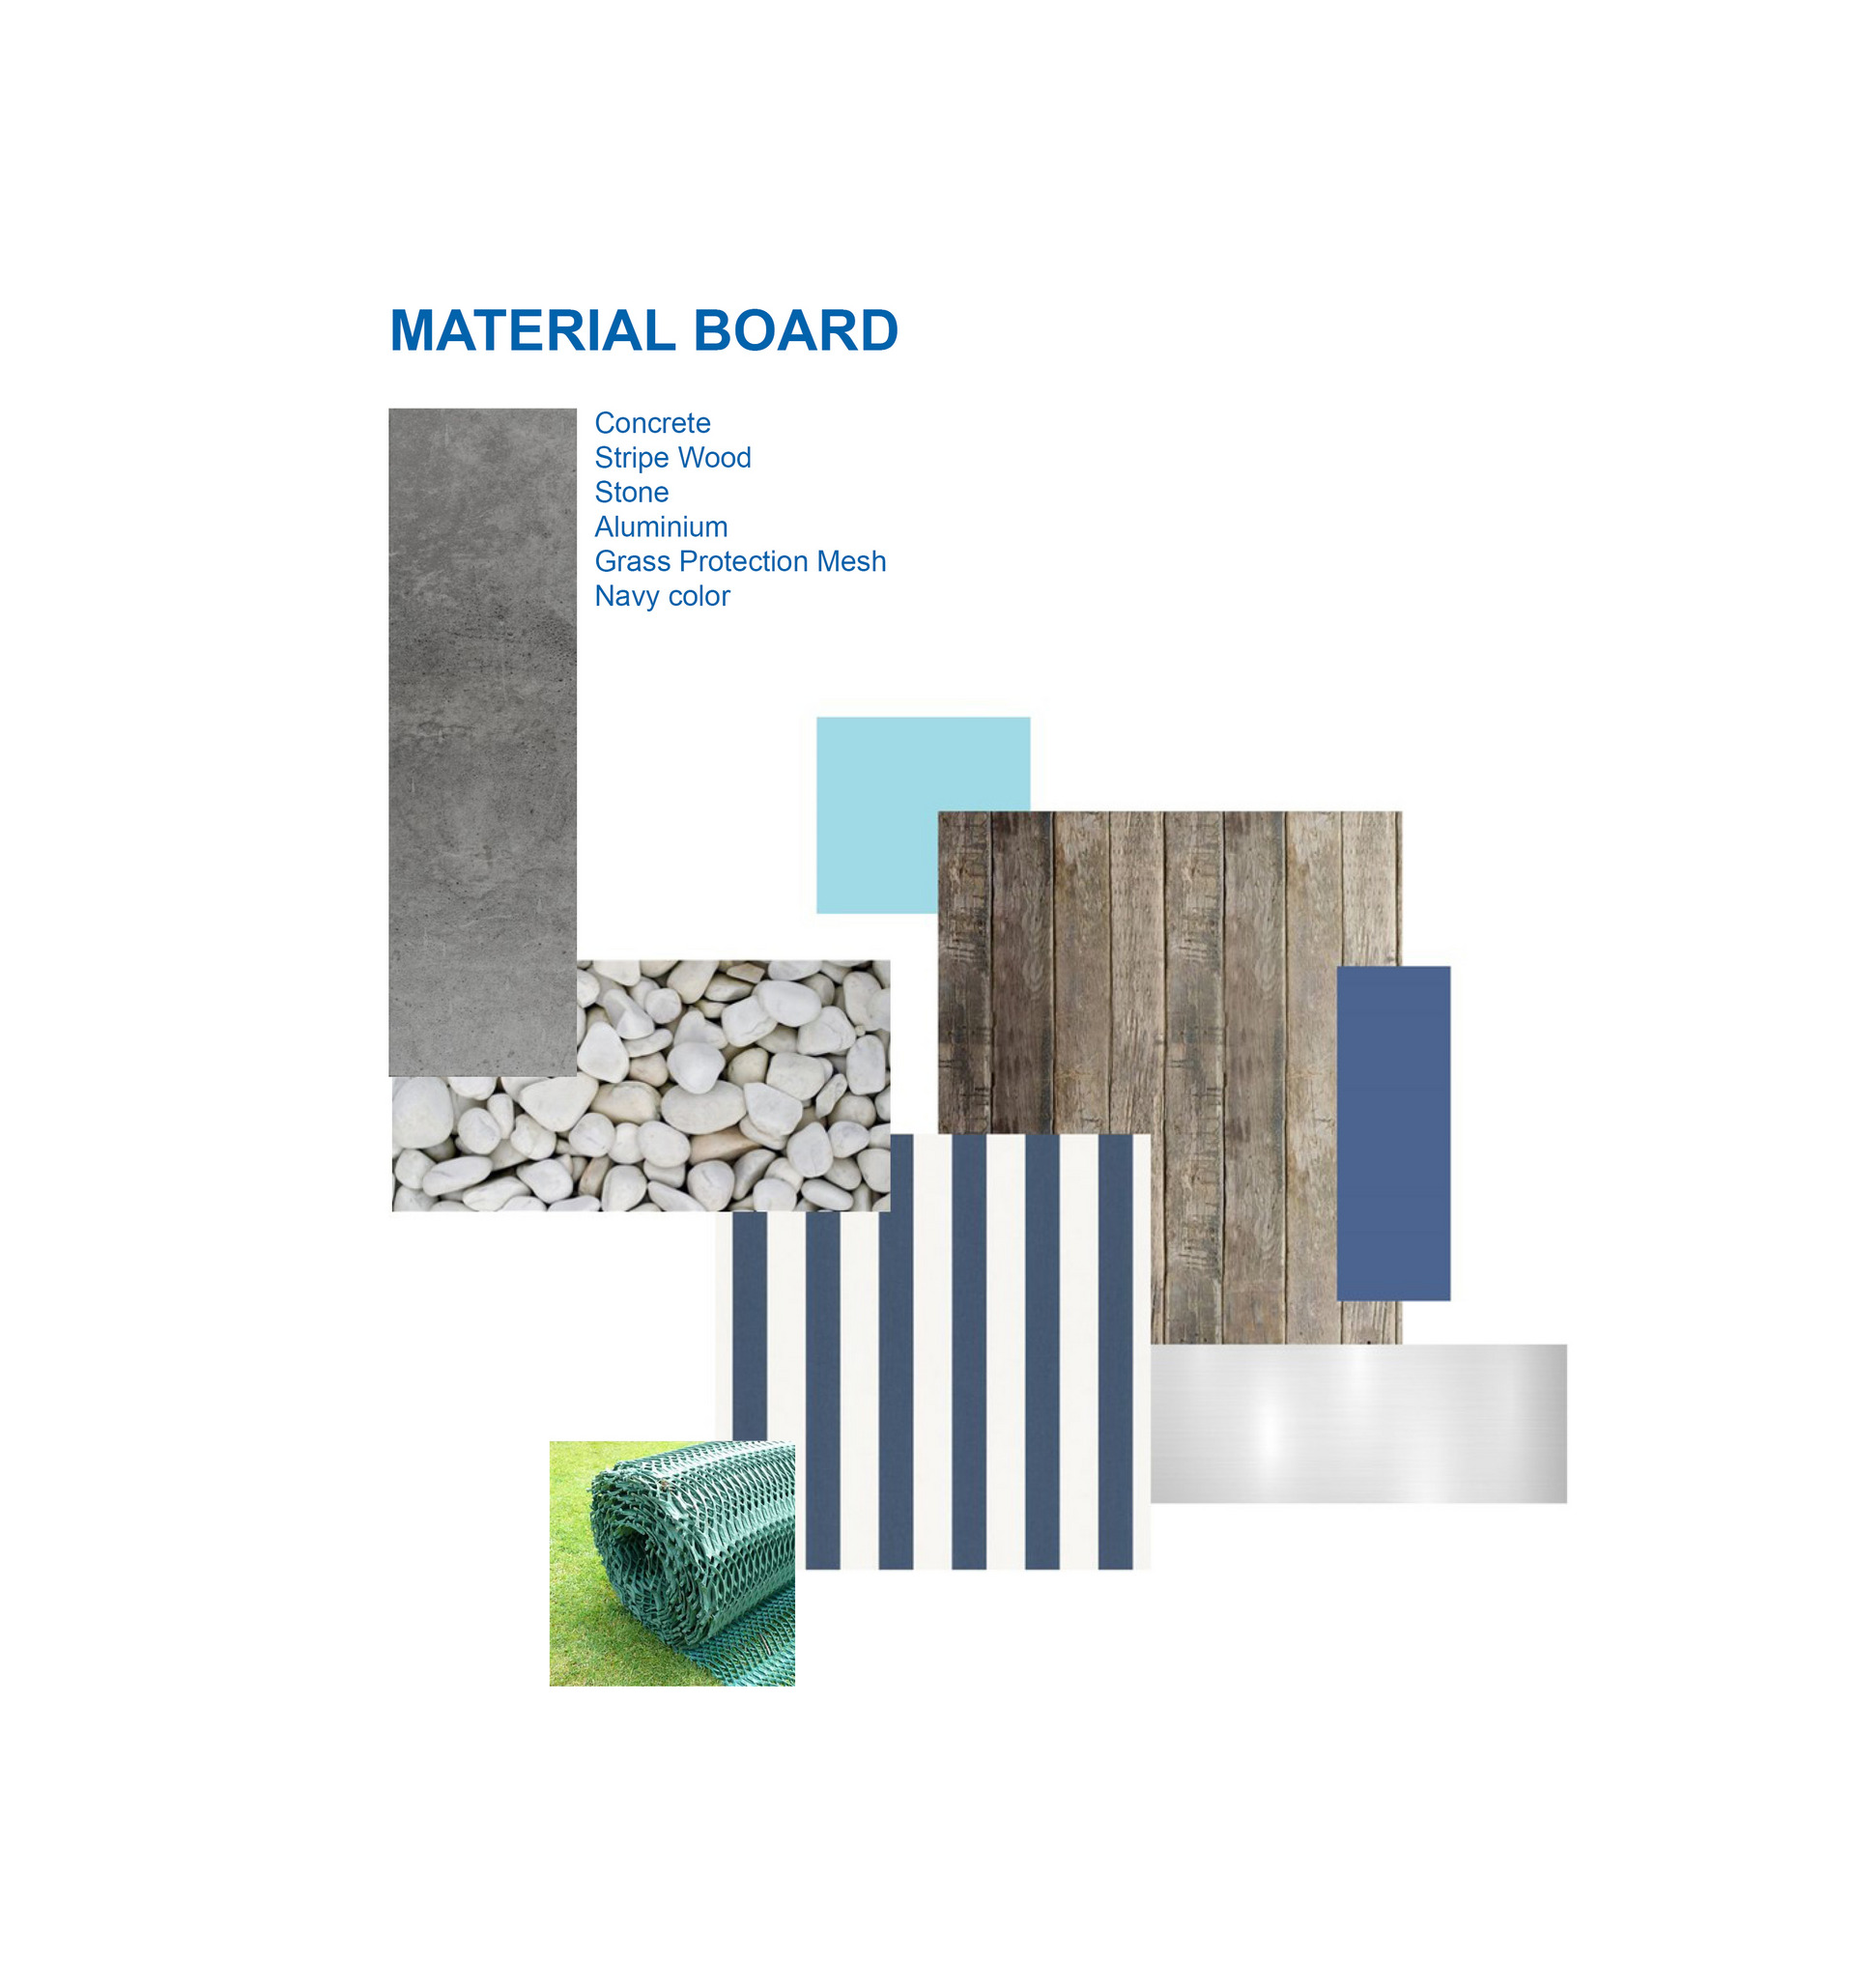 Material Board